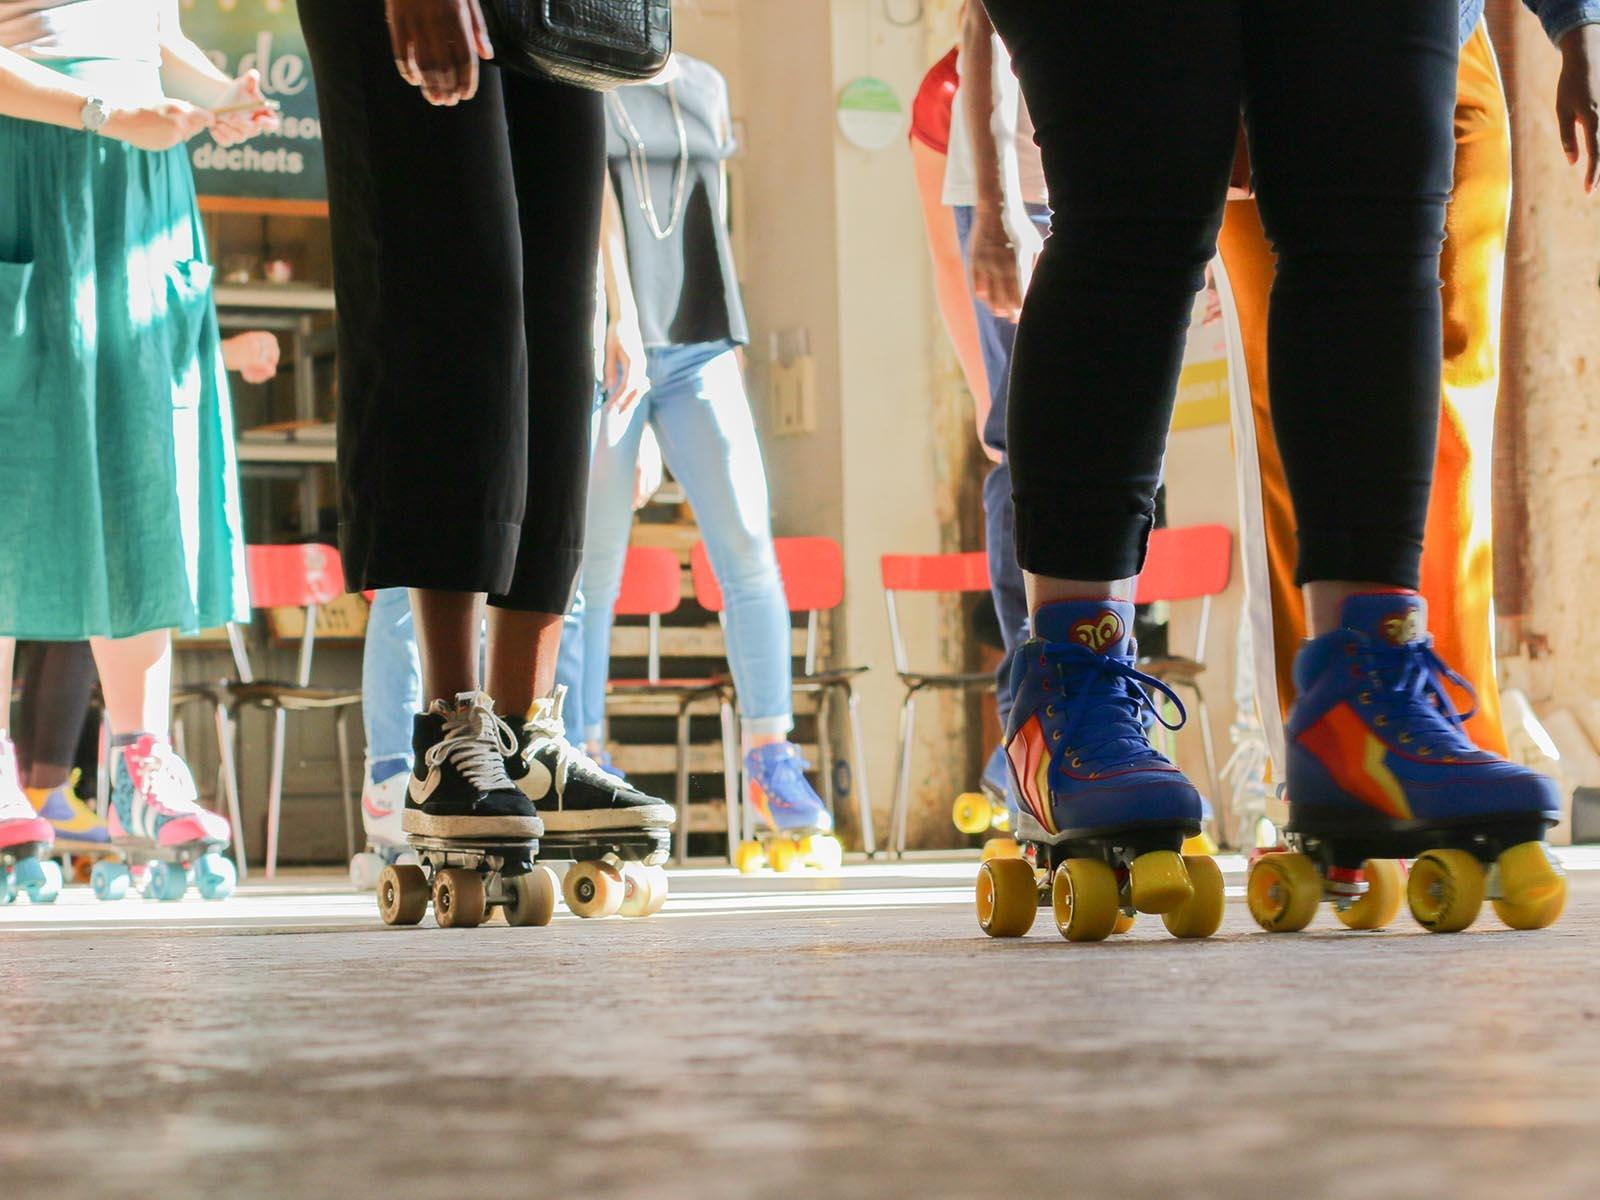 Apéro patins - Résidence mensuelle de Flaneurz à la REcyclerie